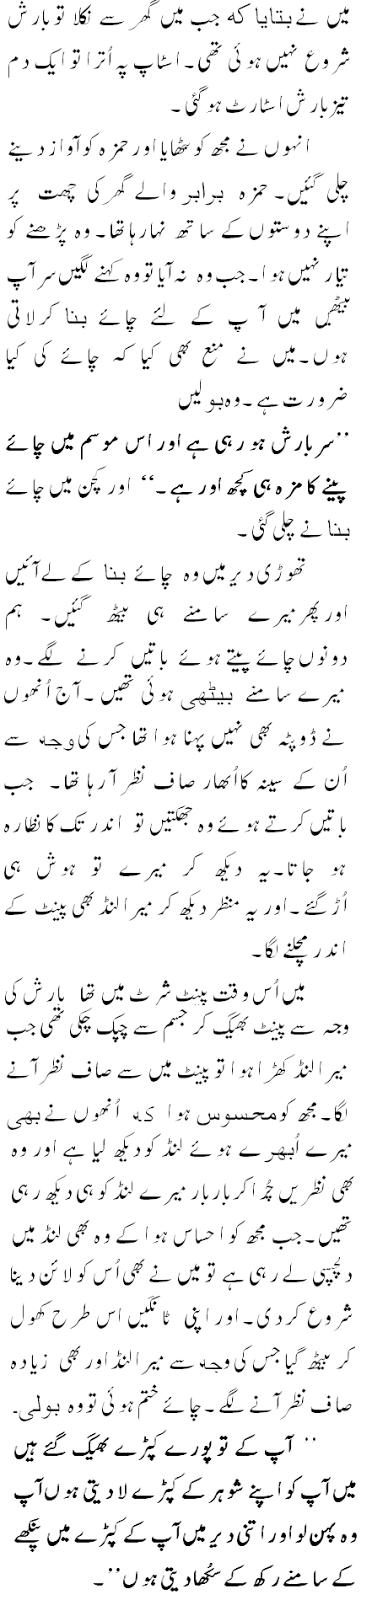 Menu.gif gif by xmastizonemail | Photobucket |Urdu Font Gandi Kahaniyan